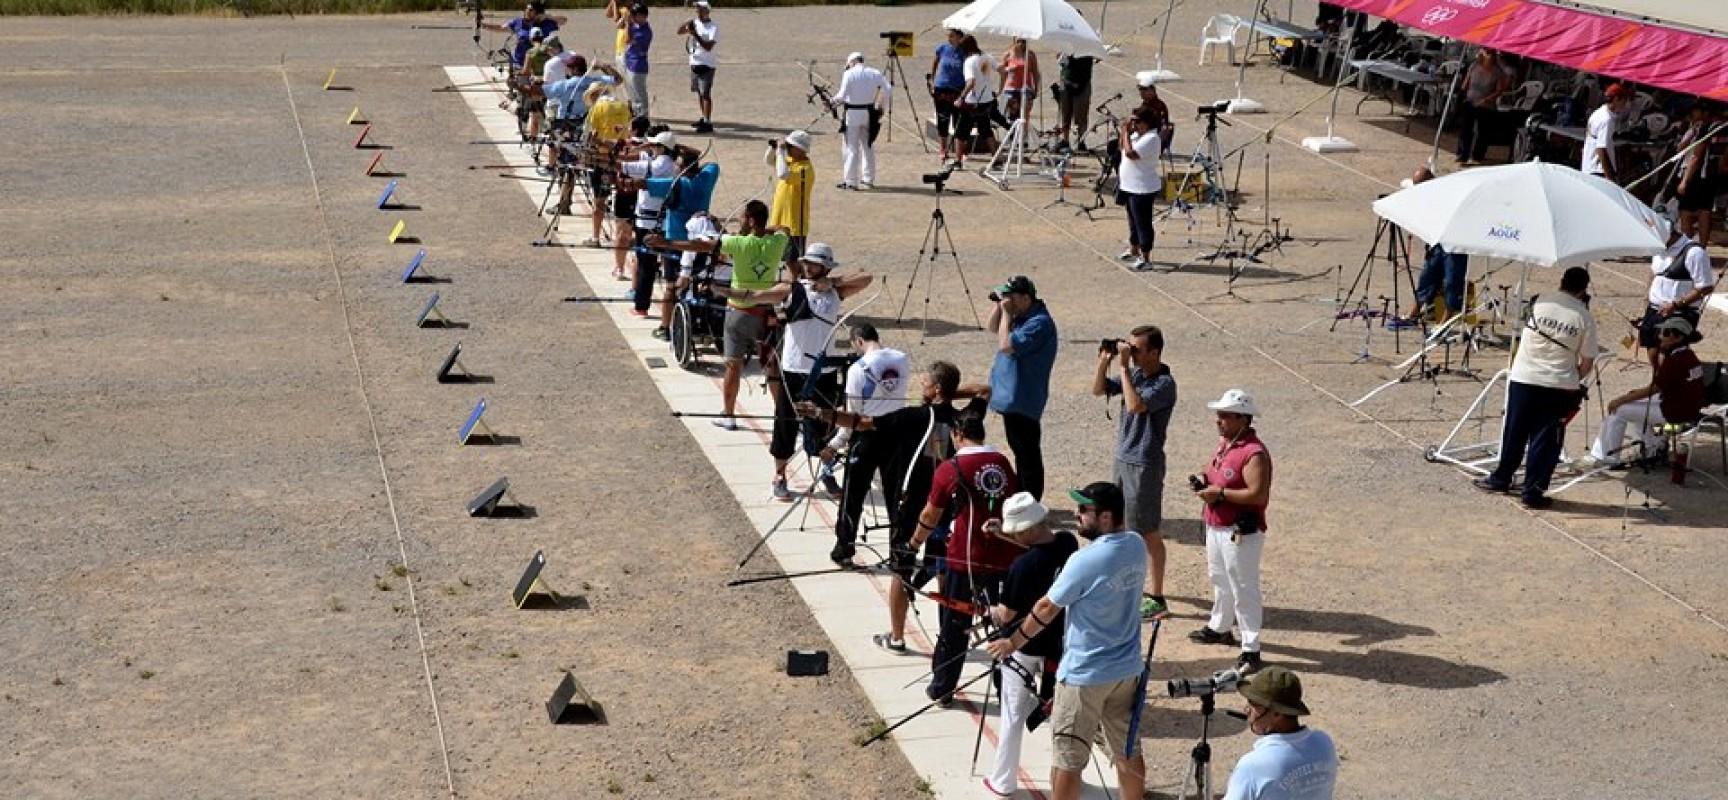 Καταστάσεις Συμμετοχών Αγώνα ΟΑΚΑ 26-27 Σεπτεμβρίου 2015